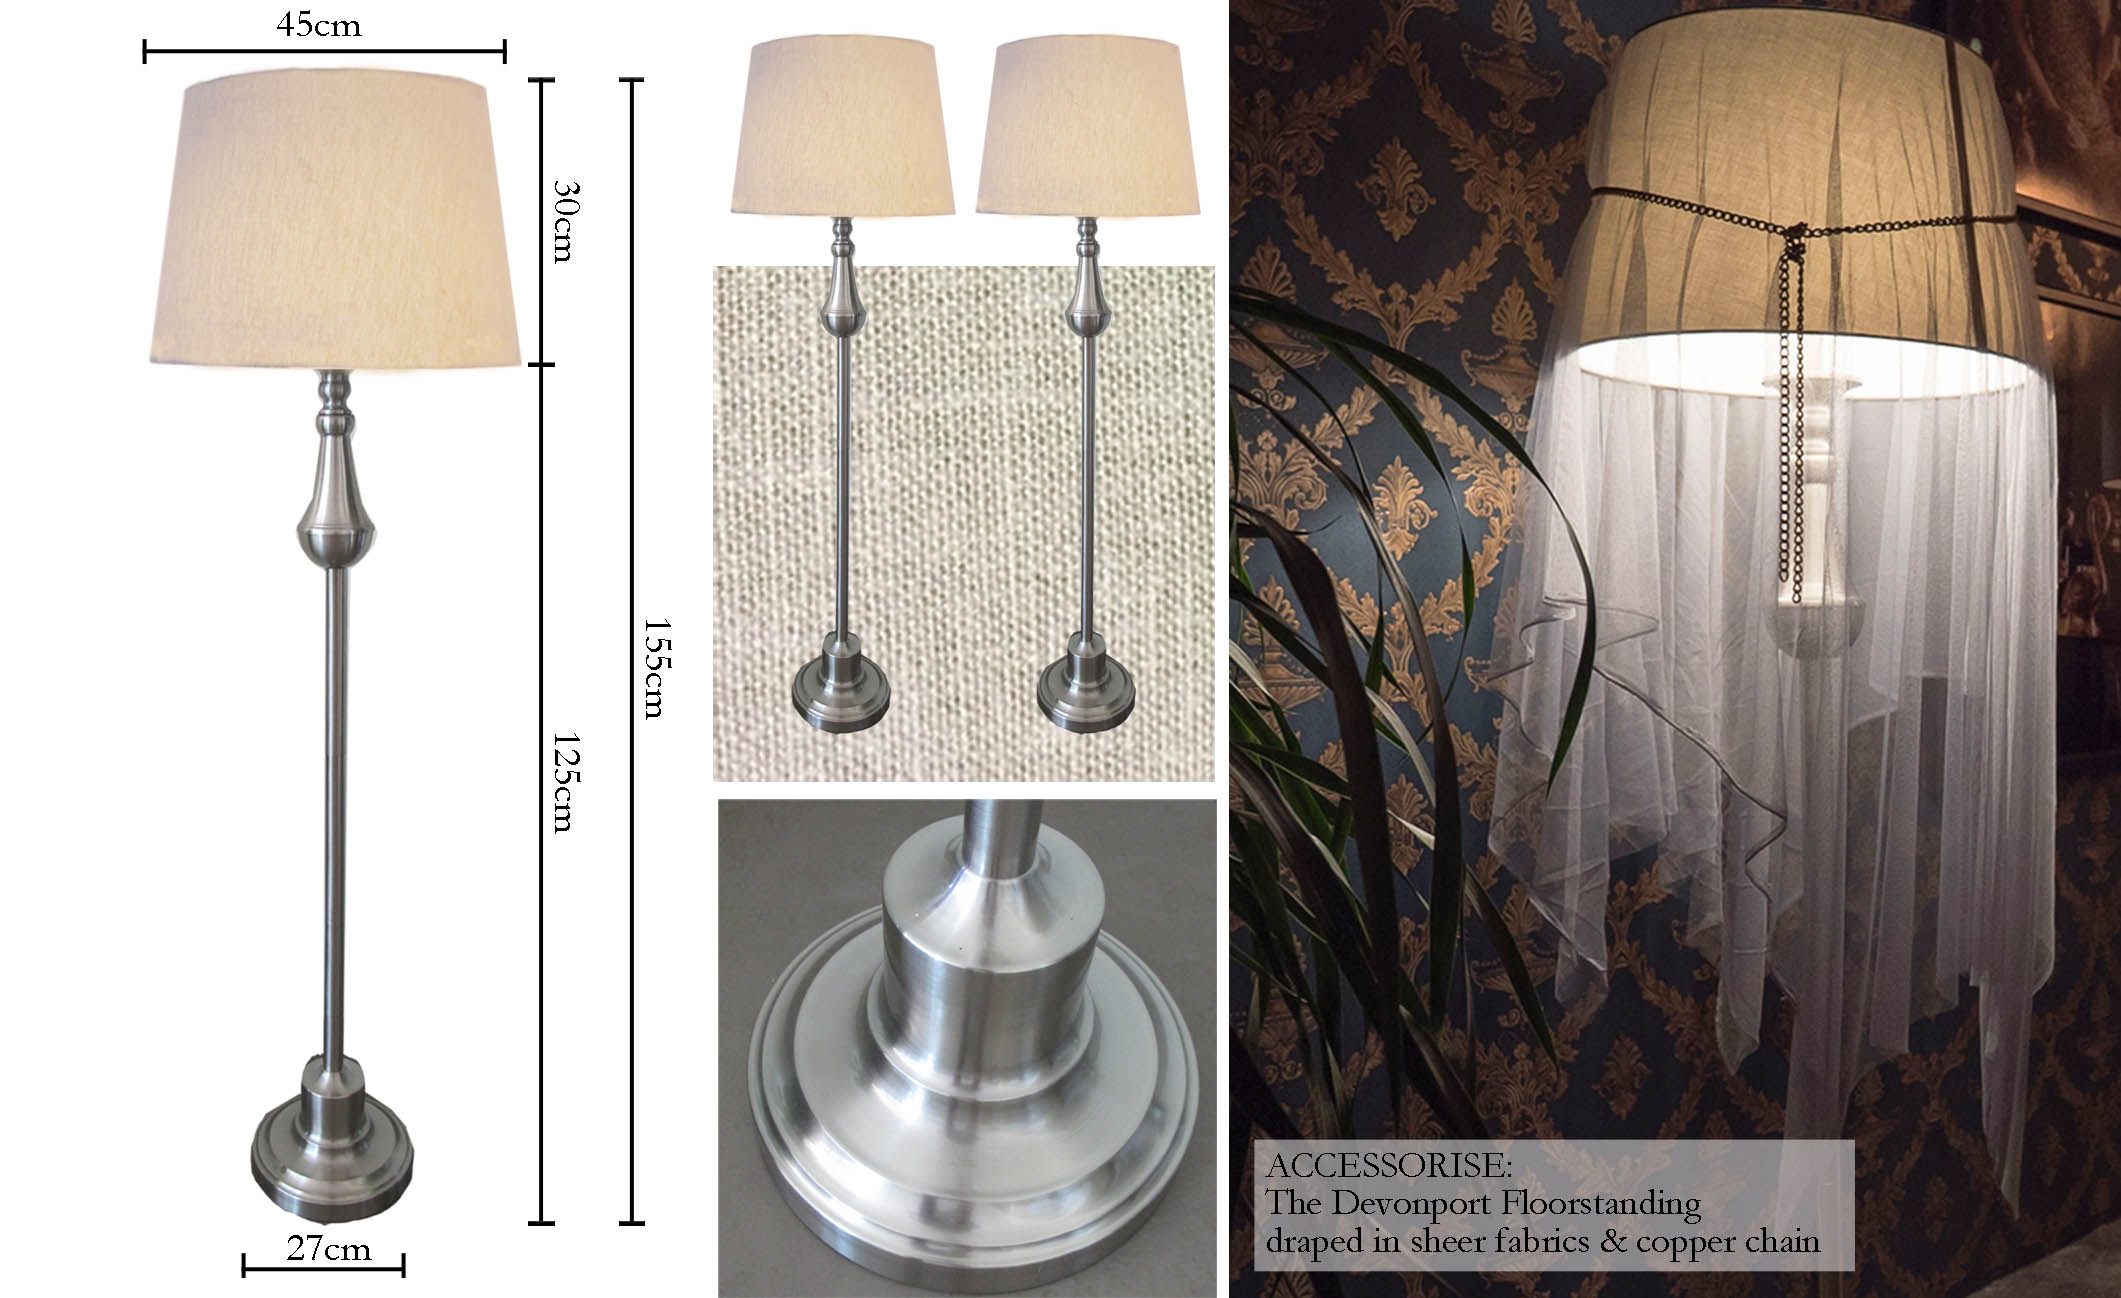 Devonport Floorstanding Lamp